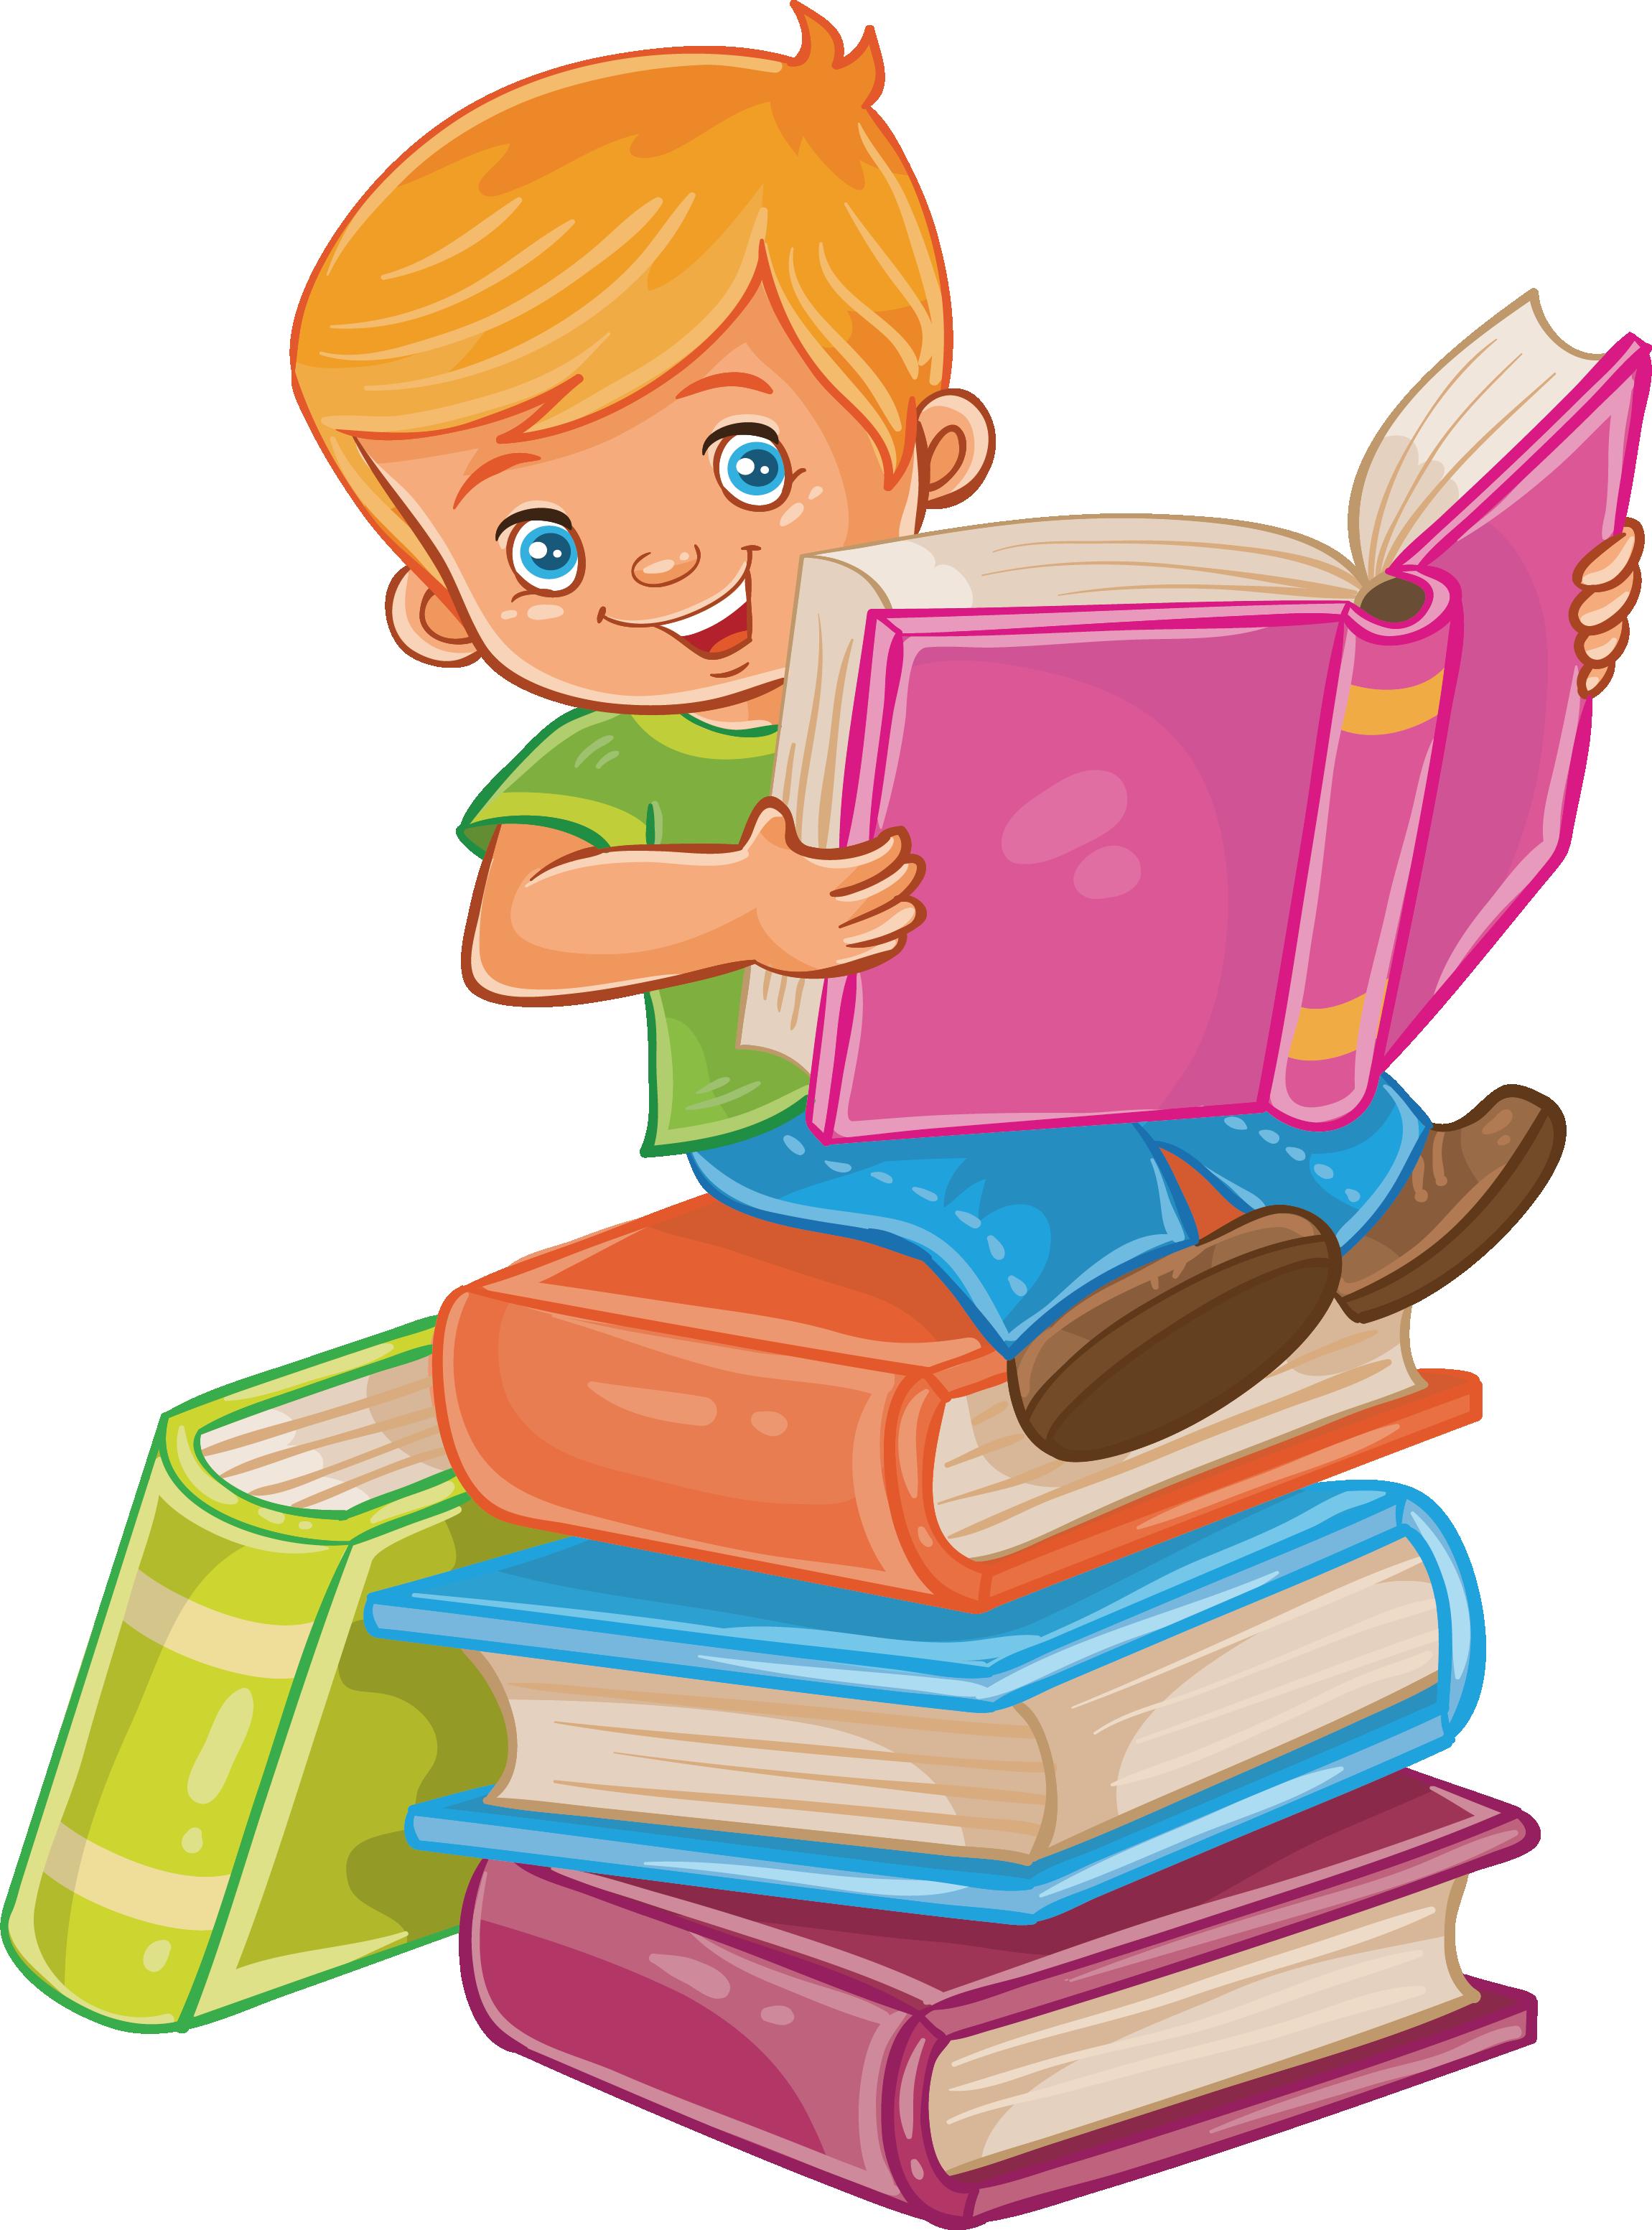 Картинки с книгами красивые для презентации детские, игры для